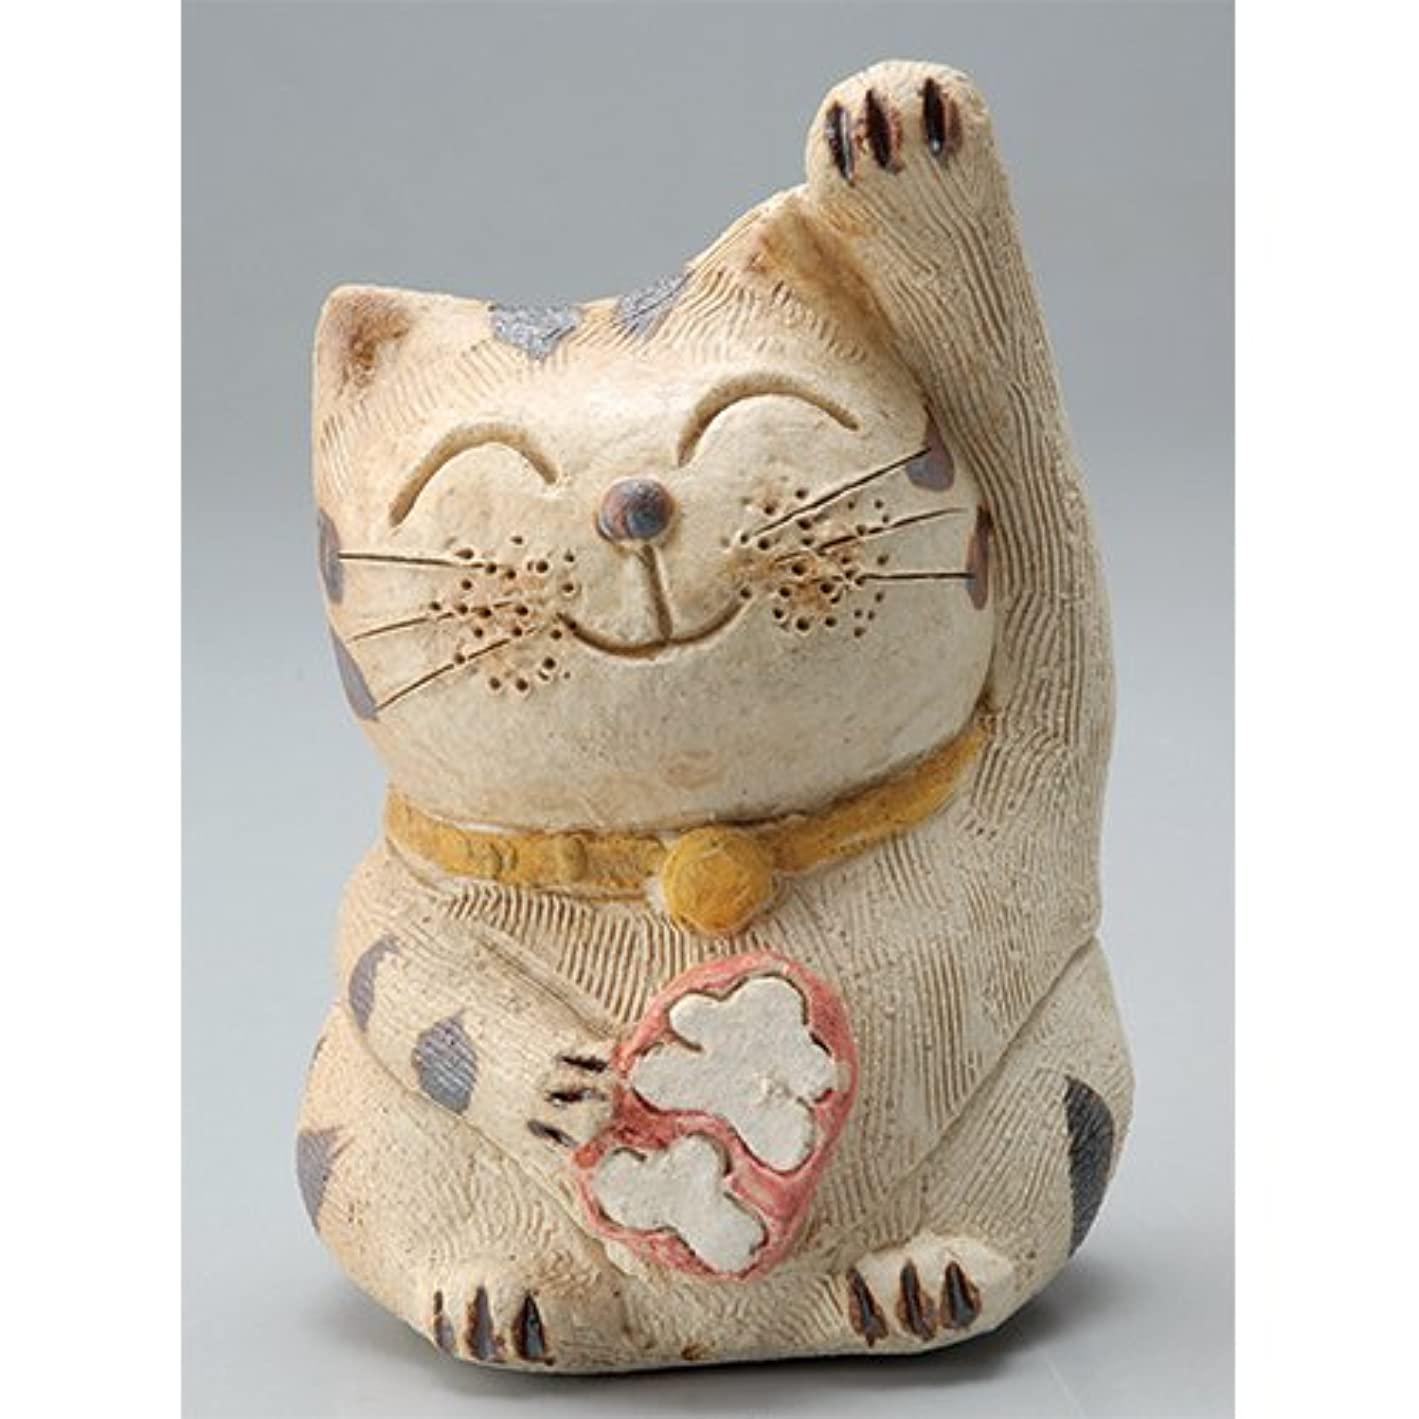 軸アクチュエータシュリンク香炉 微笑み招き猫(人招き)香炉(小) [H8.5cm] HANDMADE プレゼント ギフト 和食器 かわいい インテリア